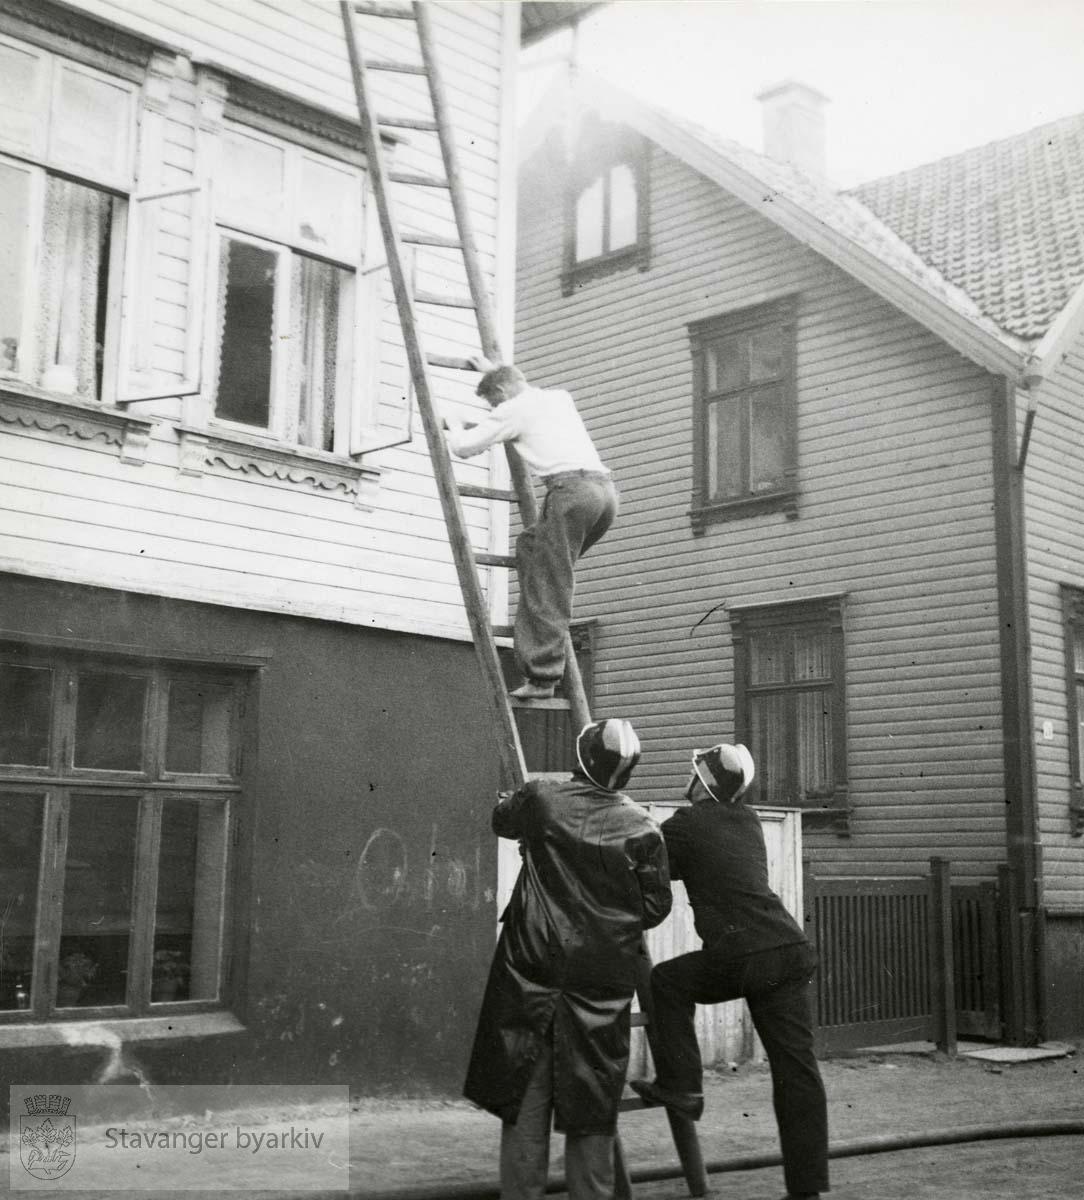 Mann hjelpes ut av brennende hus.